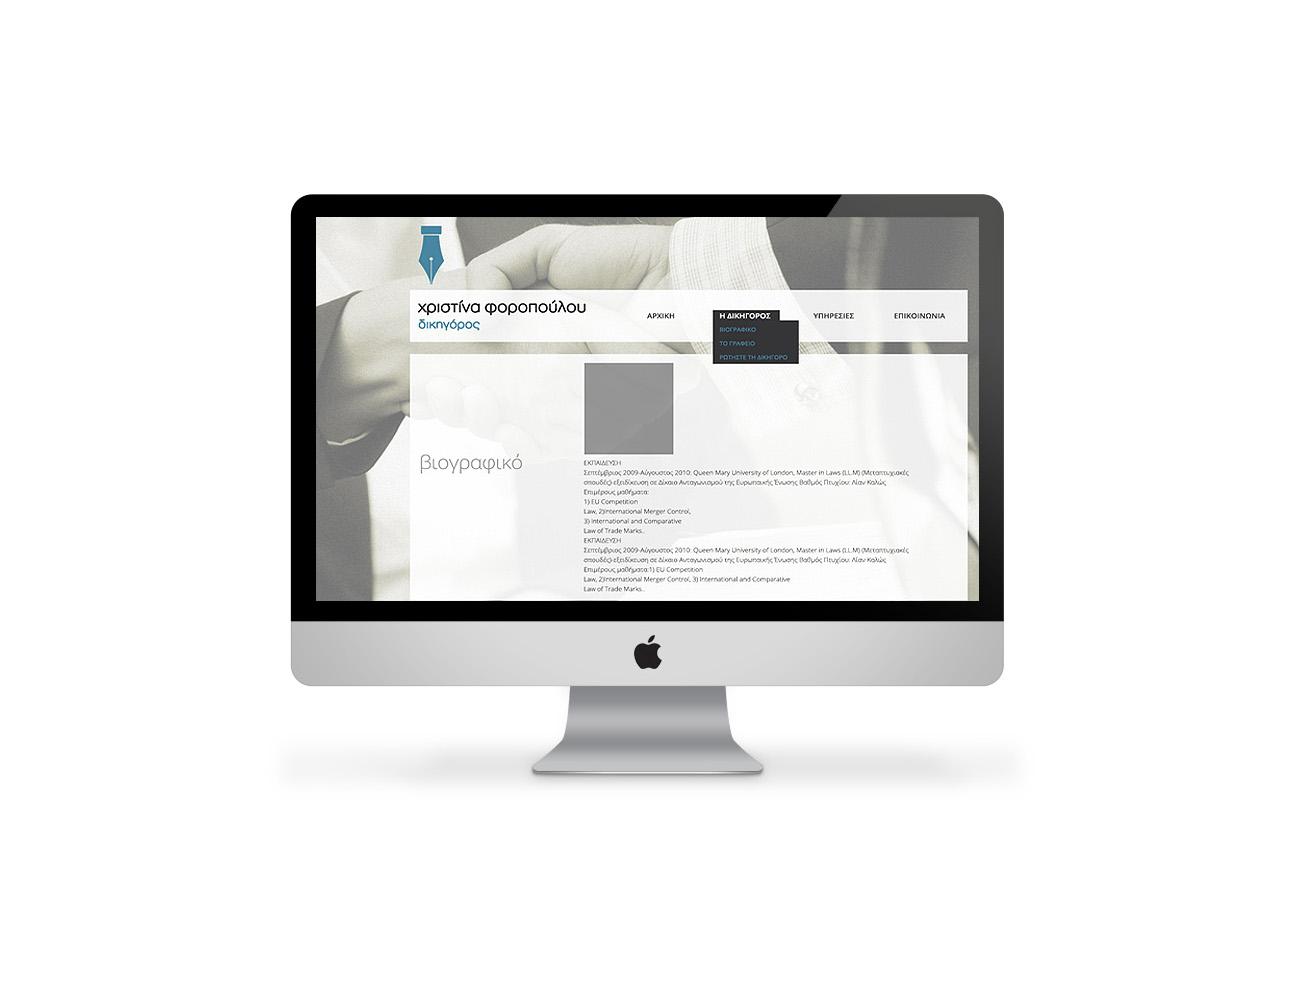 foropoulouwebdesign2